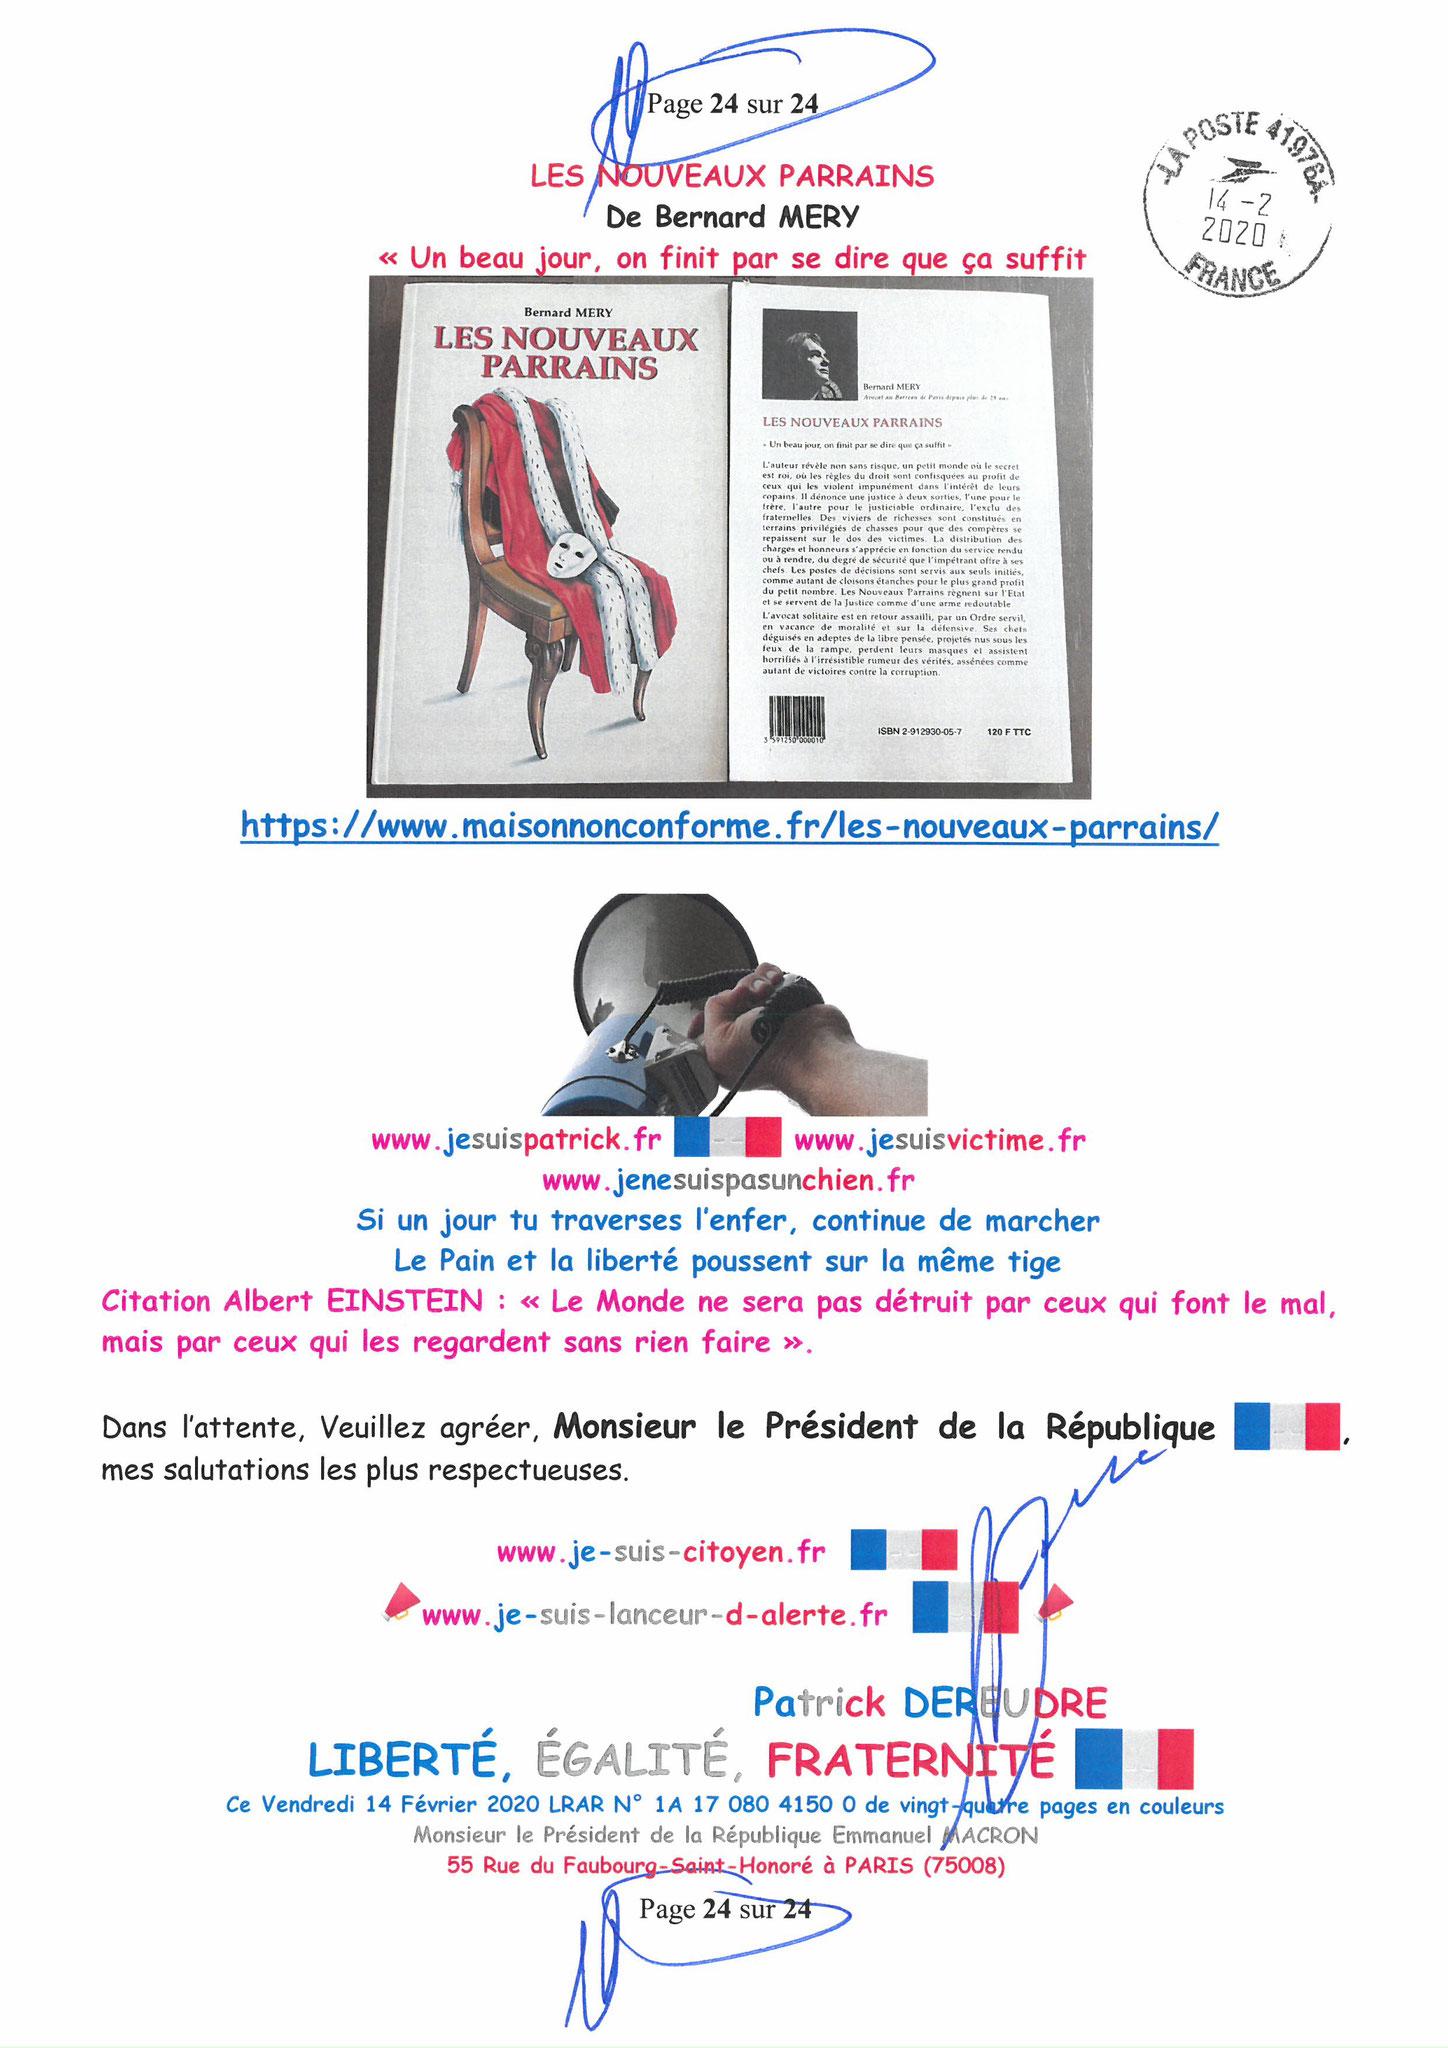 Ma lettre recommandée du 14 Février 2020 N° 1A 178 082 4150 0  page 24 sur 24 en couleur que j'ai adressé à Monsieur Emmanuel MACRON le Président de la République www.jesuispatrick.fr